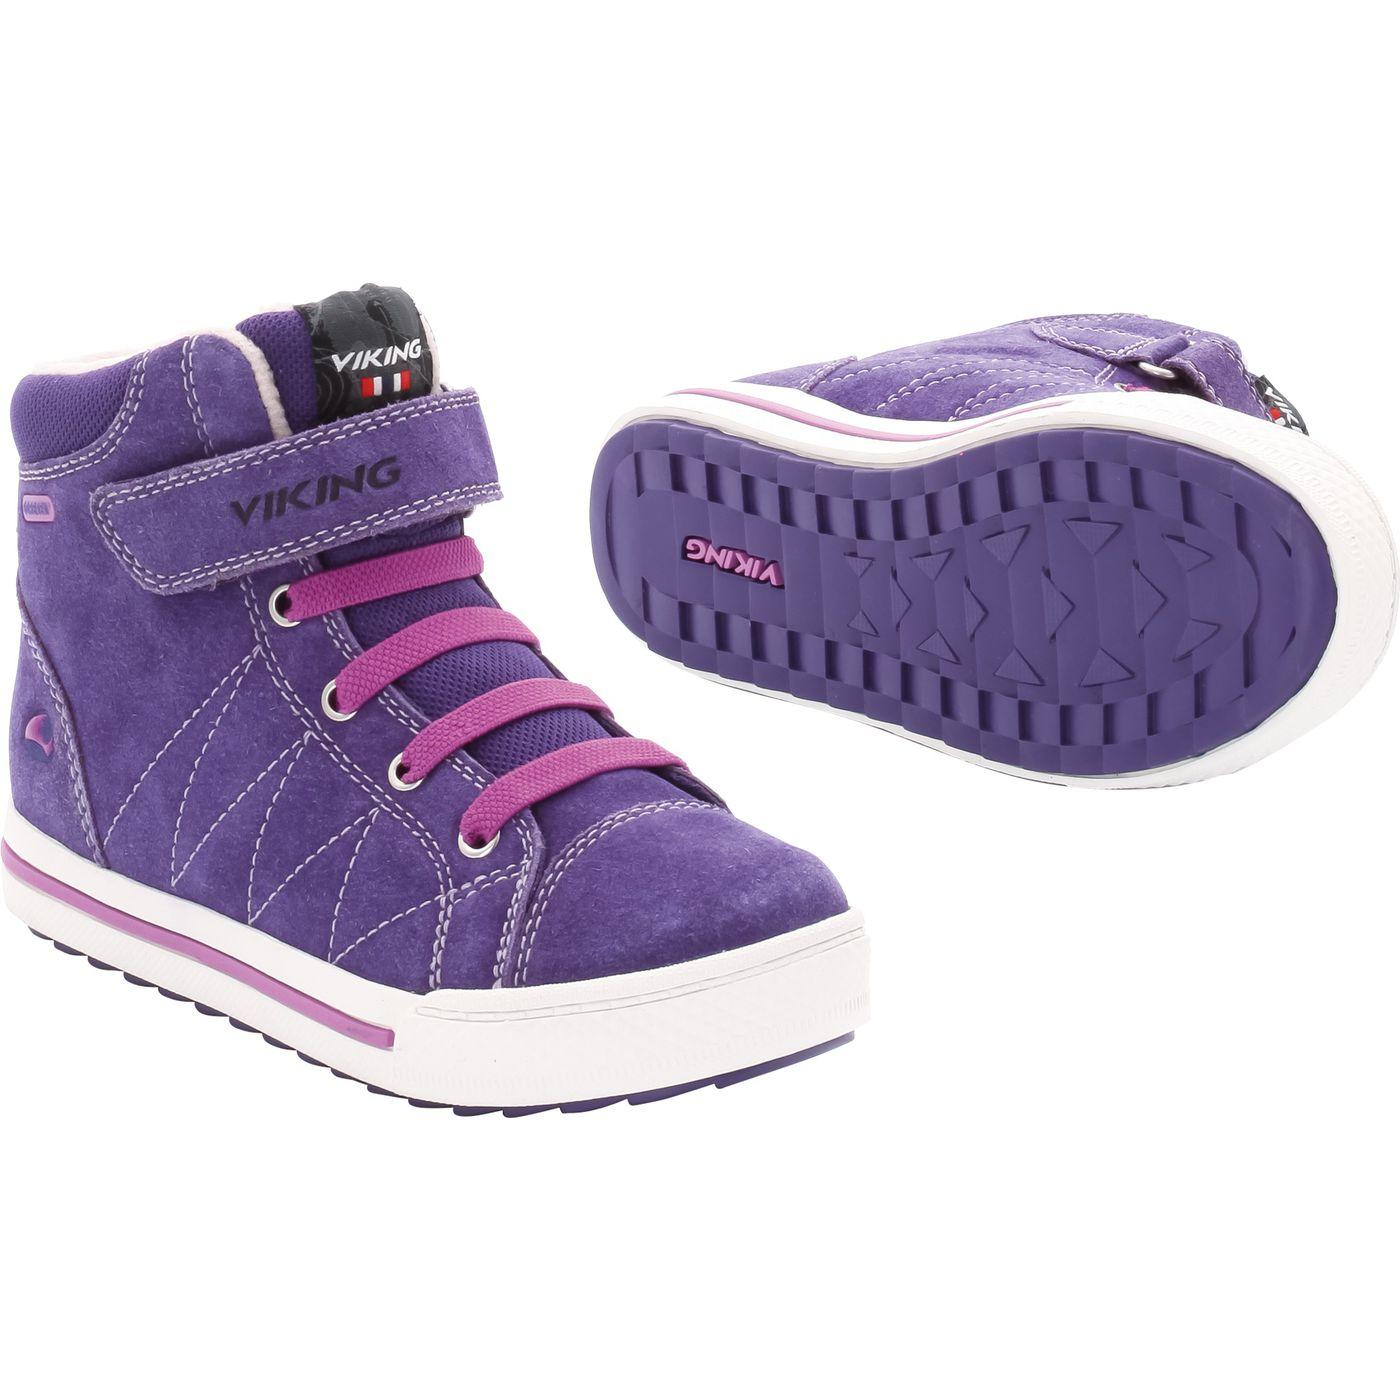 Viking детские лодыжки ботинок на подкладке, утепленные